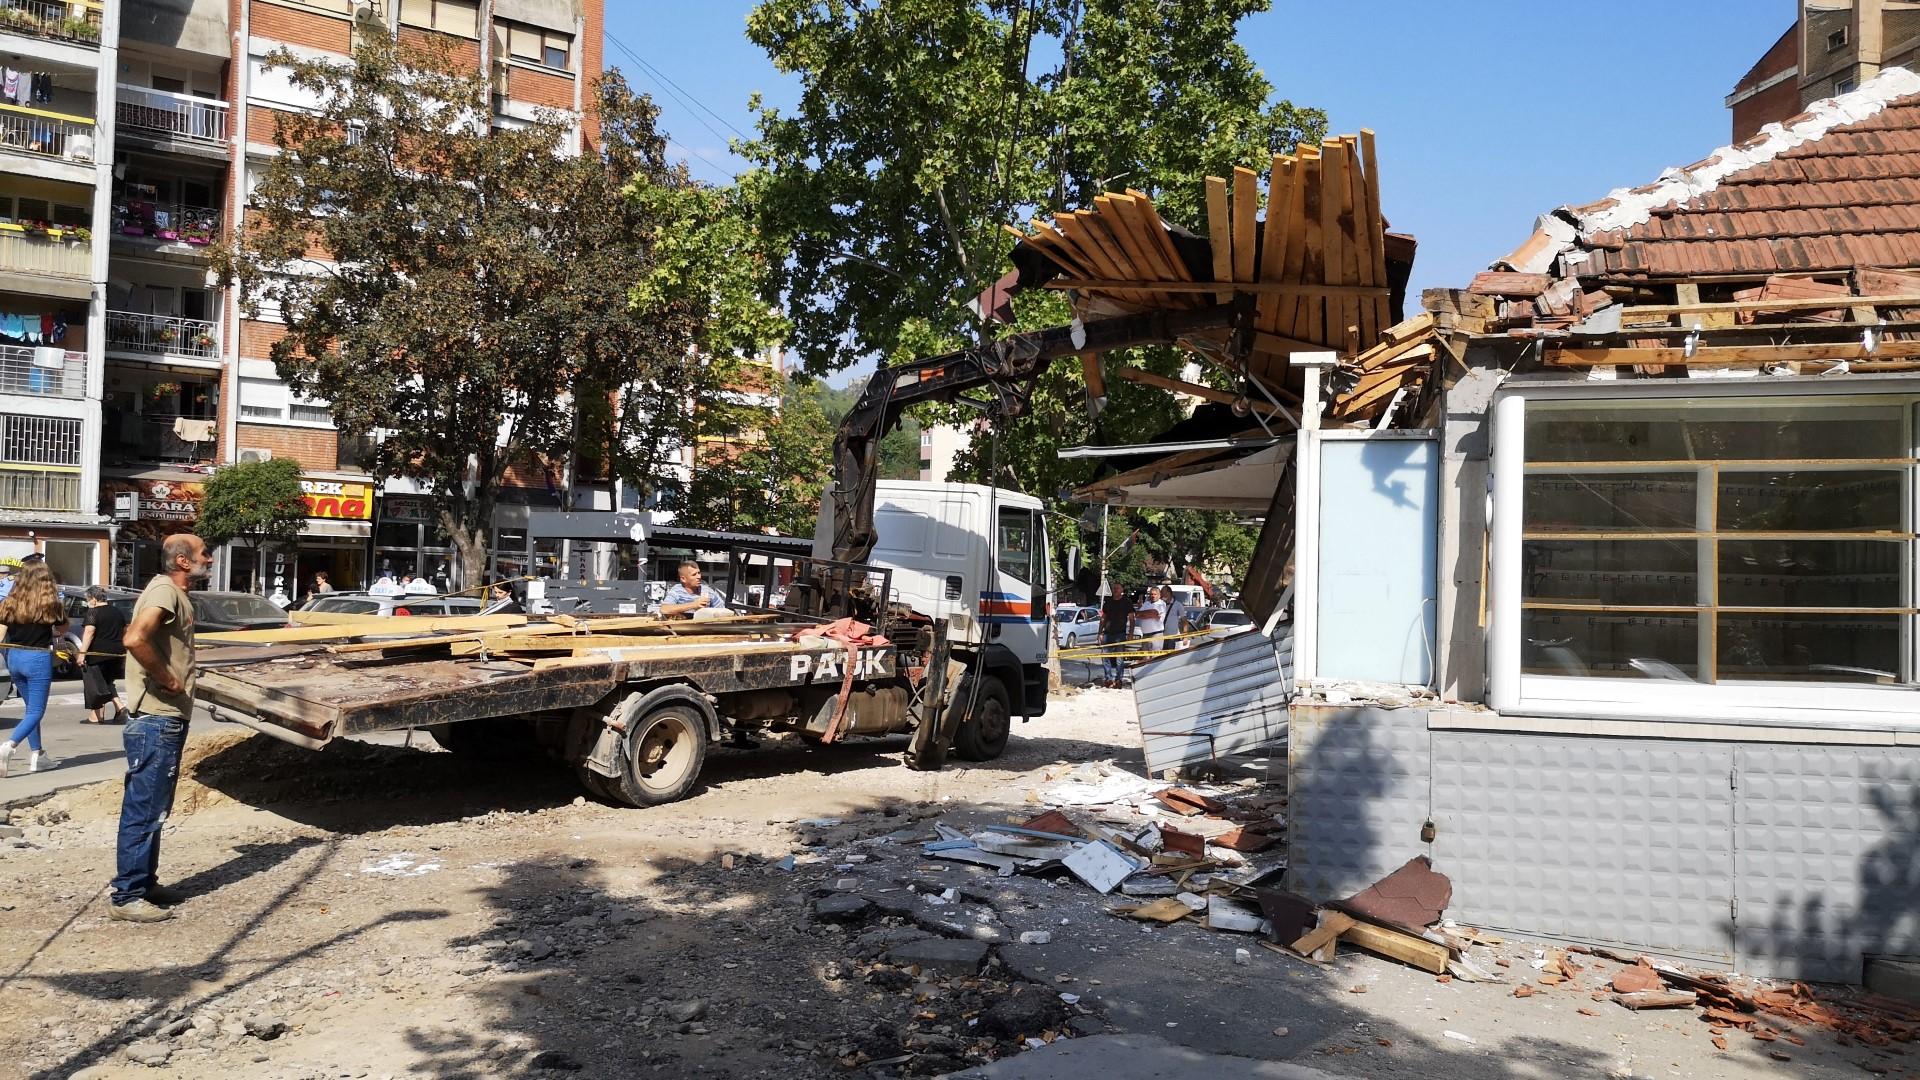 Počelo uklanjanje nelegalnih objekata u okviru uređenja ulice Kralja Petra Prvog